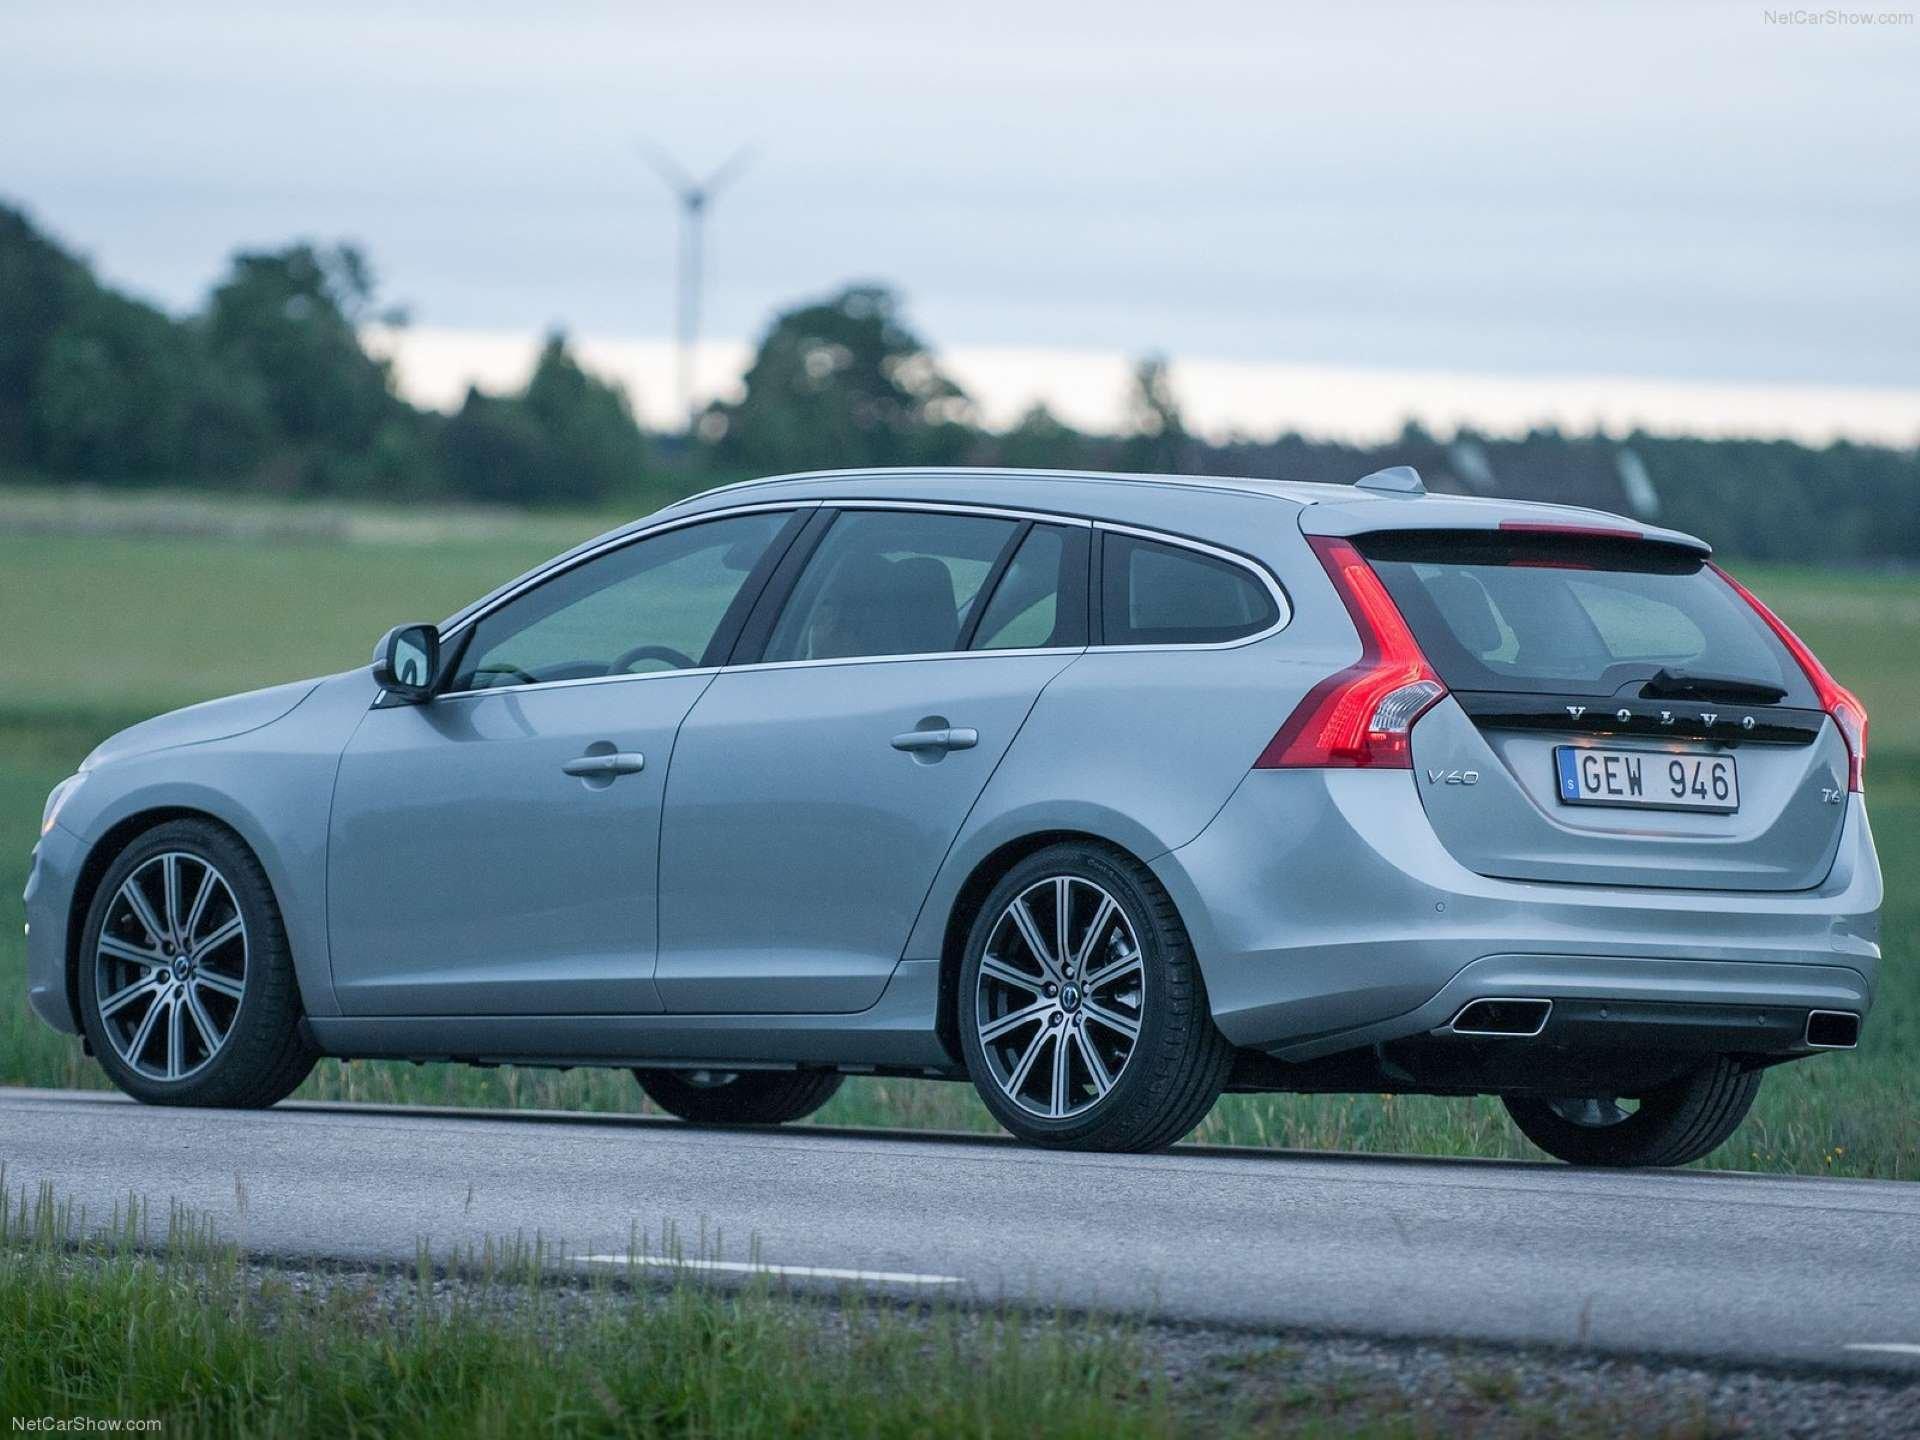 Best FWD Under $25k Volvo V60 front rear-quarter